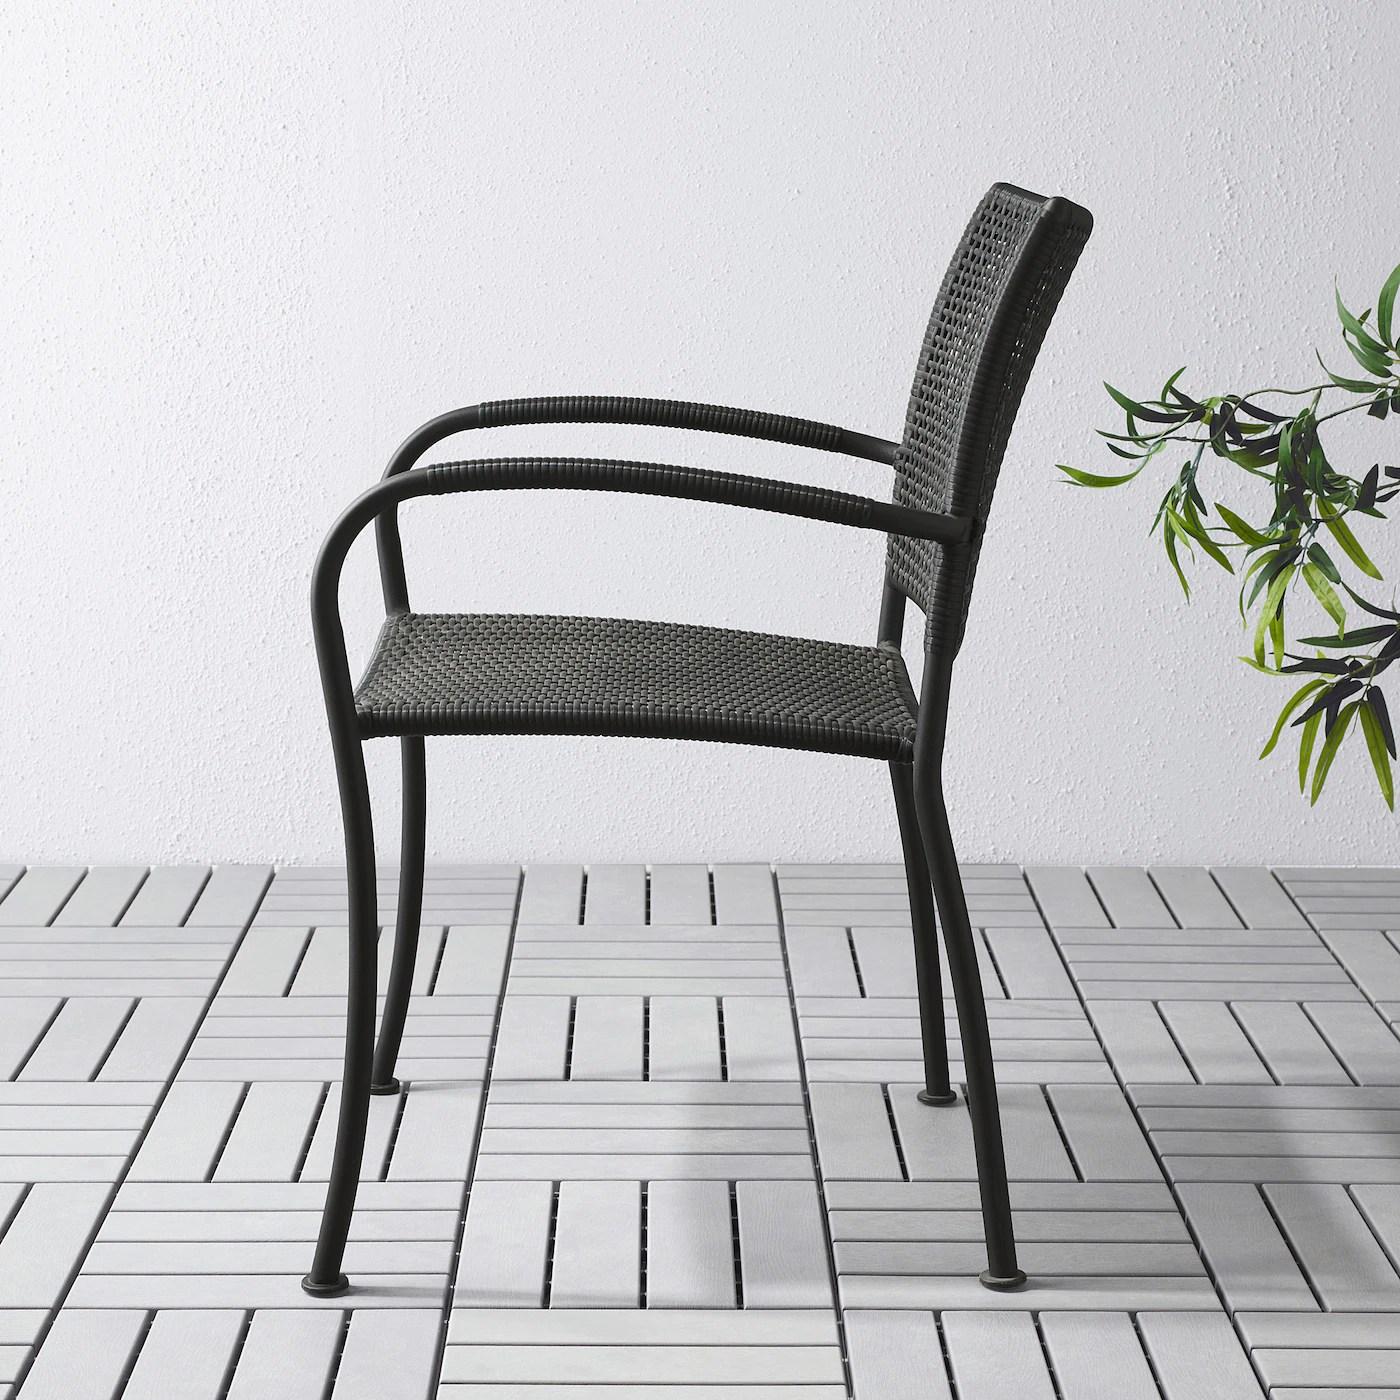 lacko chaise avec accoudoirs exterieur gris